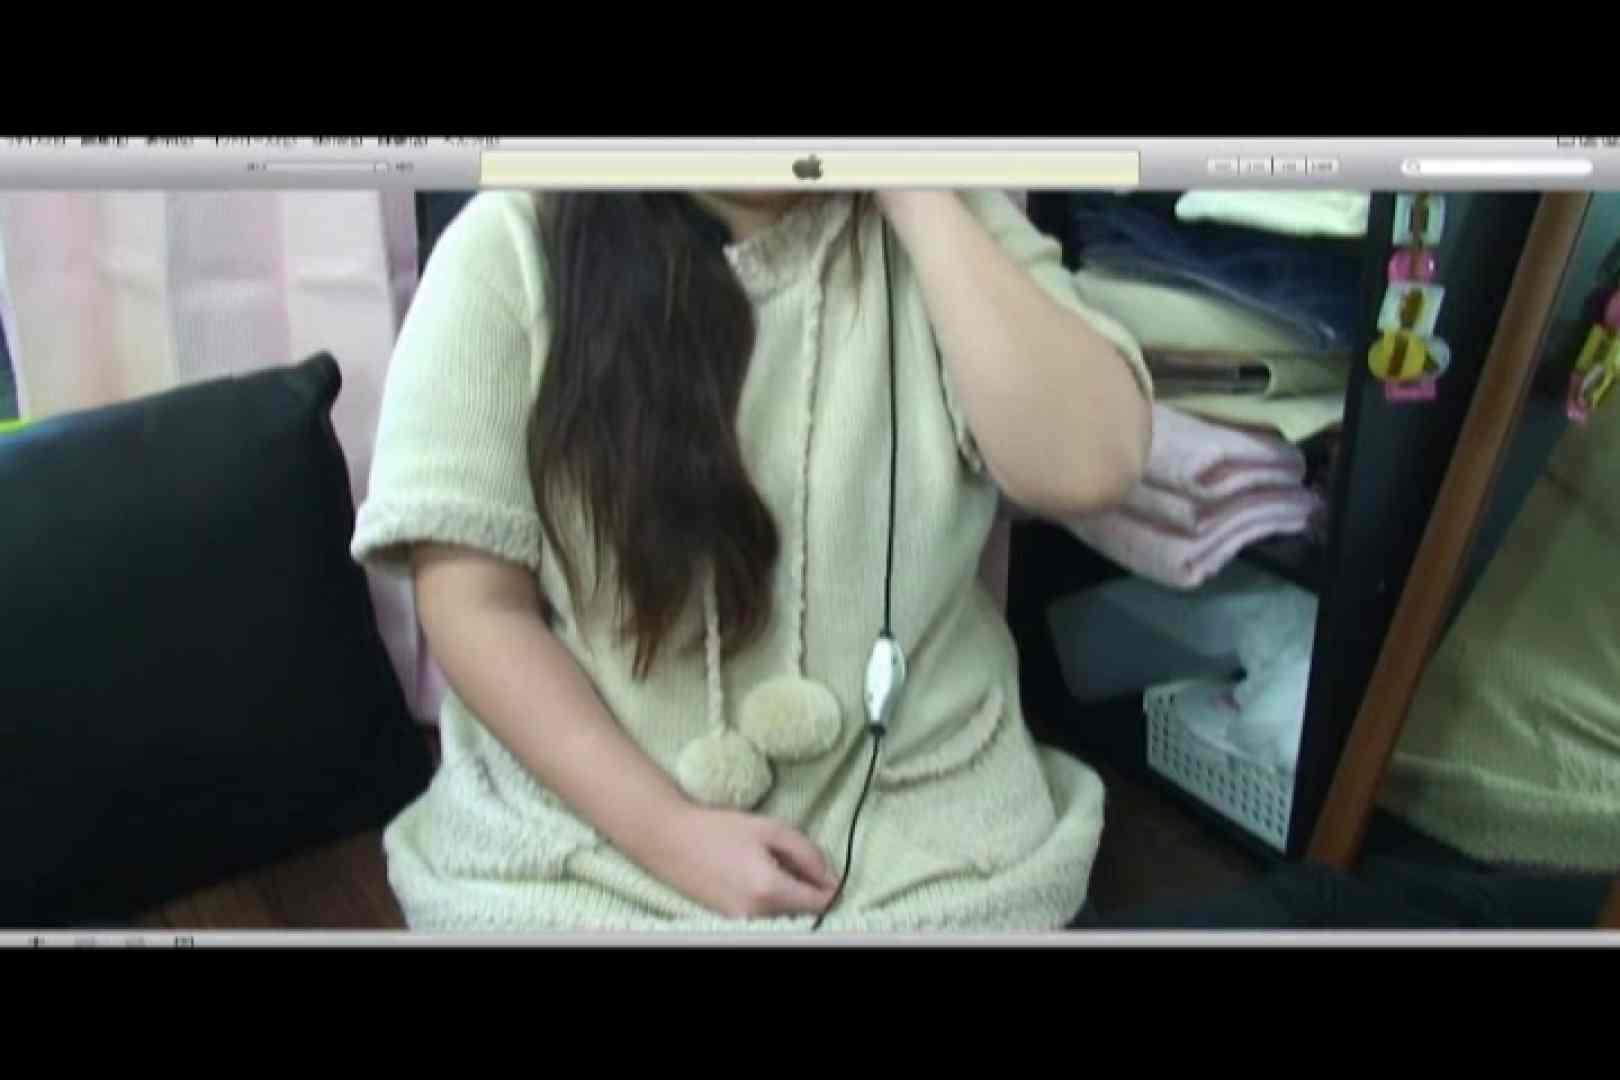 堅実でケチな女性程盗撮される。vol.03 清純女性の悲劇 超エロギャル 隠し撮りオマンコ動画紹介 105枚 3